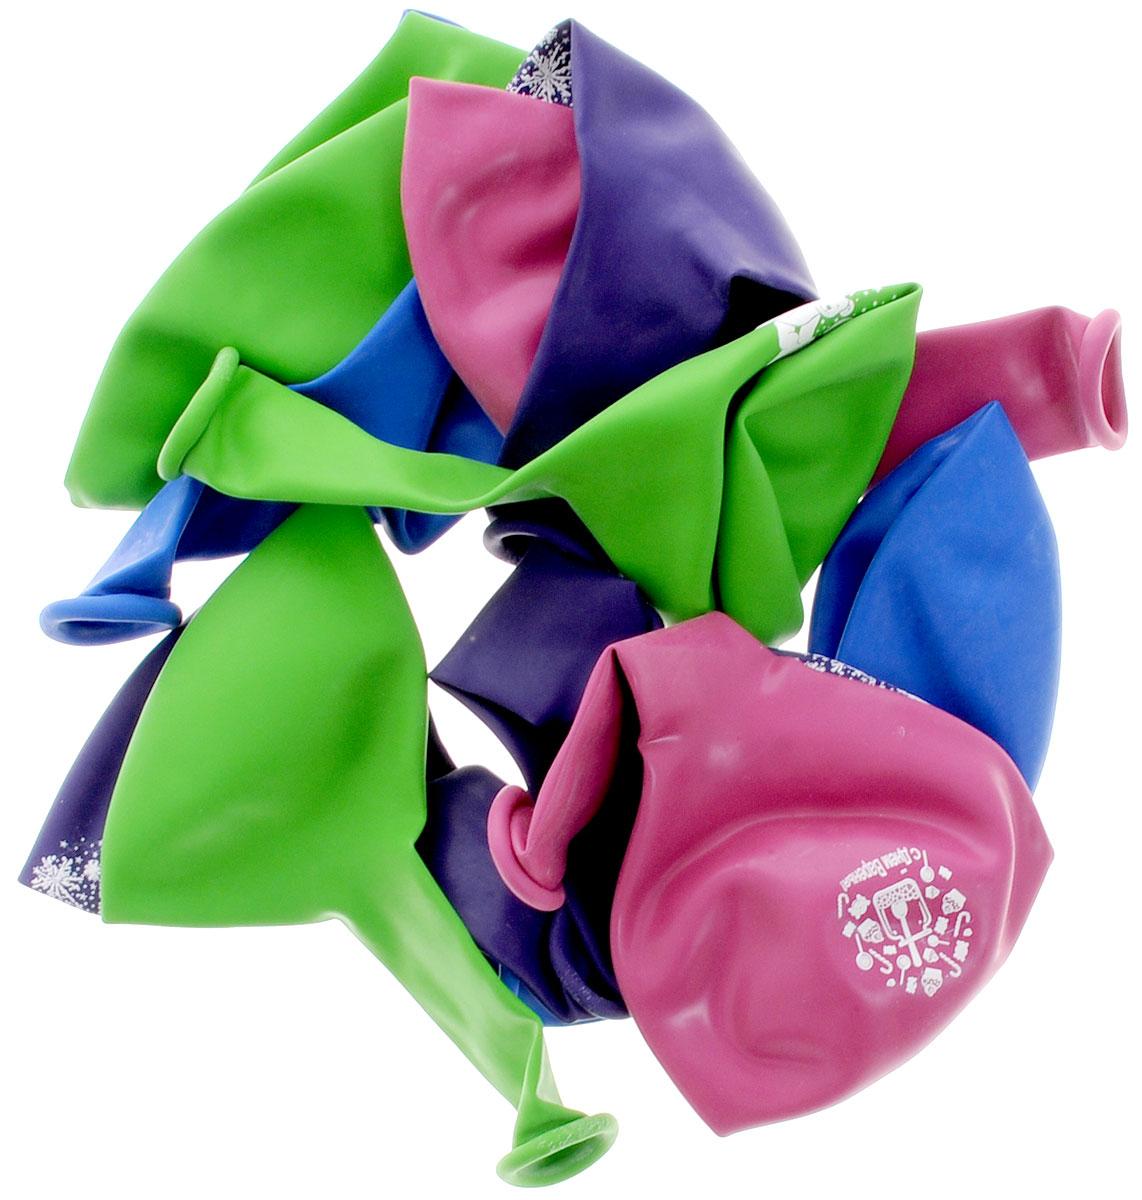 Action! Шары воздушные С Днем Рождения! 25 см 10 штAPI0067/MНабор разноцветных латексных шариков - высочайшего качества. Прочные шары округлой формы с белым рисунком в виде игрушек и салюта. Свадьба, день рождения, или просто признание в любви - воздушные шарики сделают любое событие незабываемым! Эти яркие праздничные аксессуары поднимут настроение вам и вашим гостям! Набор содержит 10 цветных шаров.